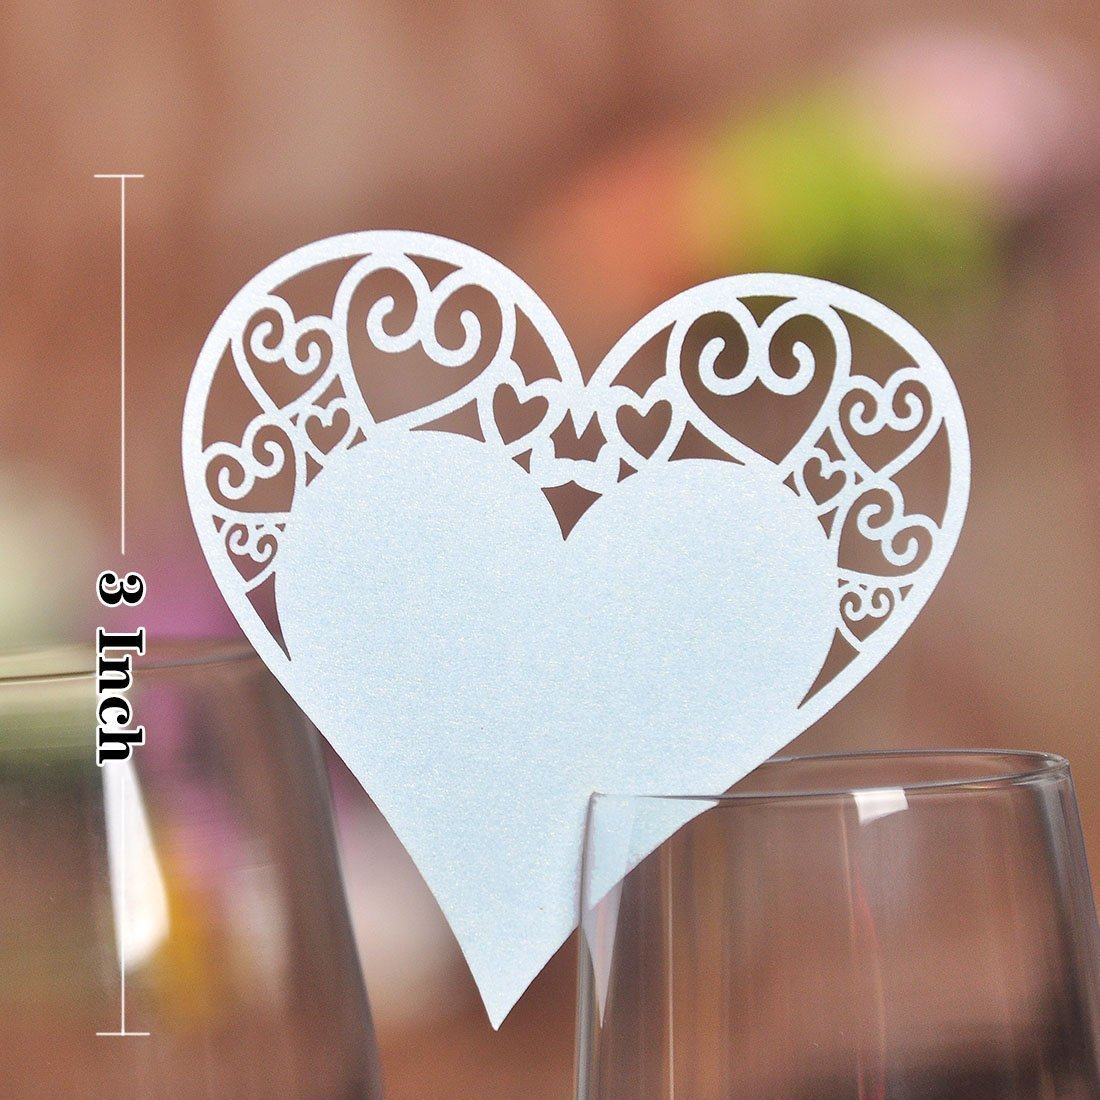 Lot de 50pcs Carte de Verre Marque Place Forme de Coeur d'Amour Décoration de Table (Blanc) Générique